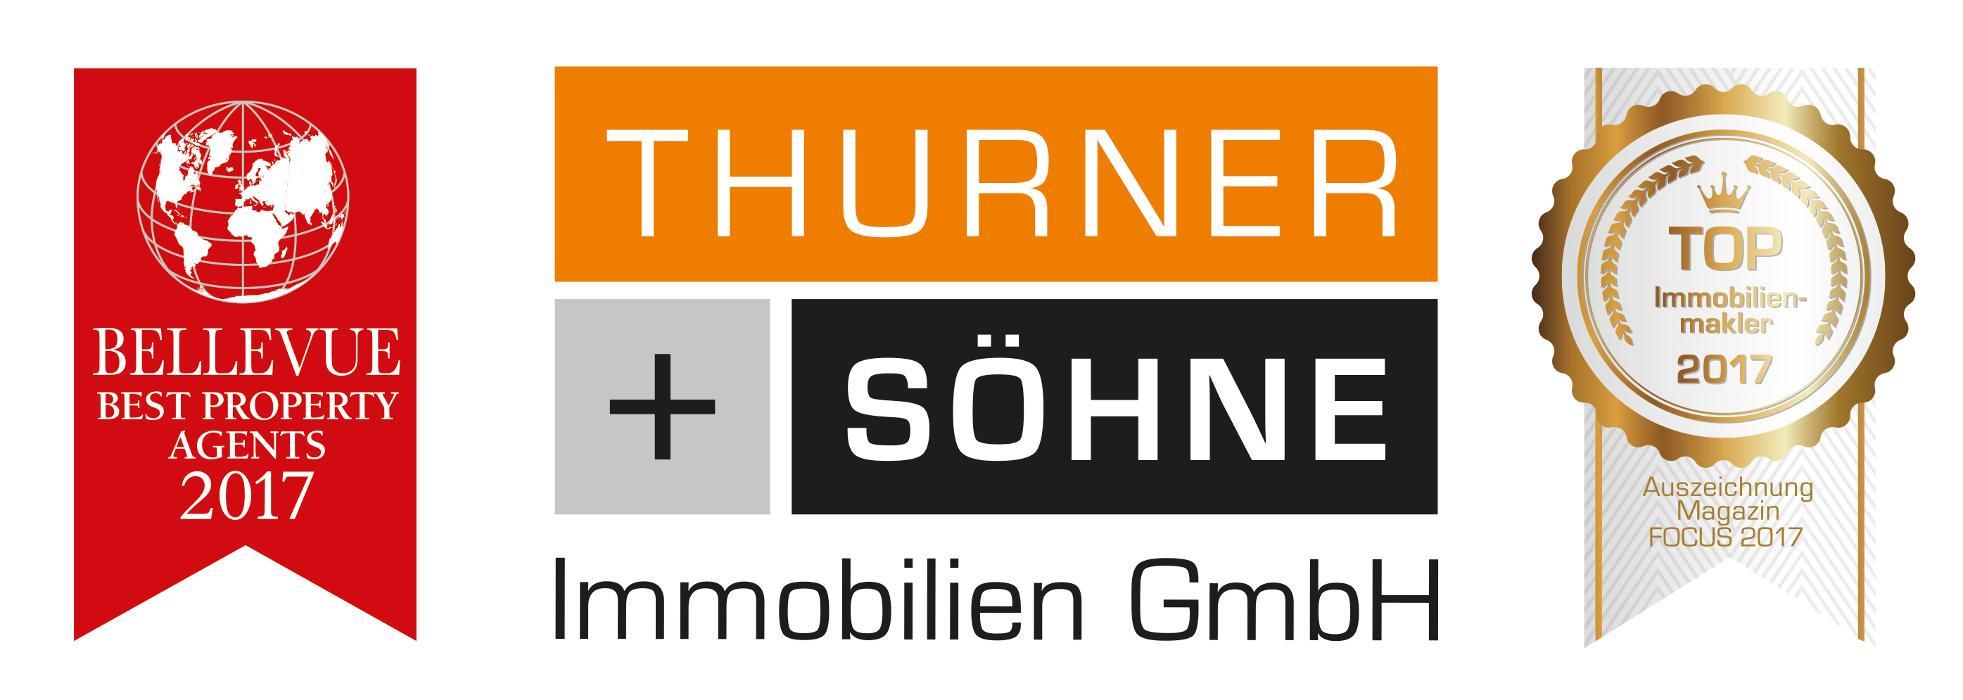 Bild zu THURNER + SÖHNE Immobilien GmbH in Kaarst